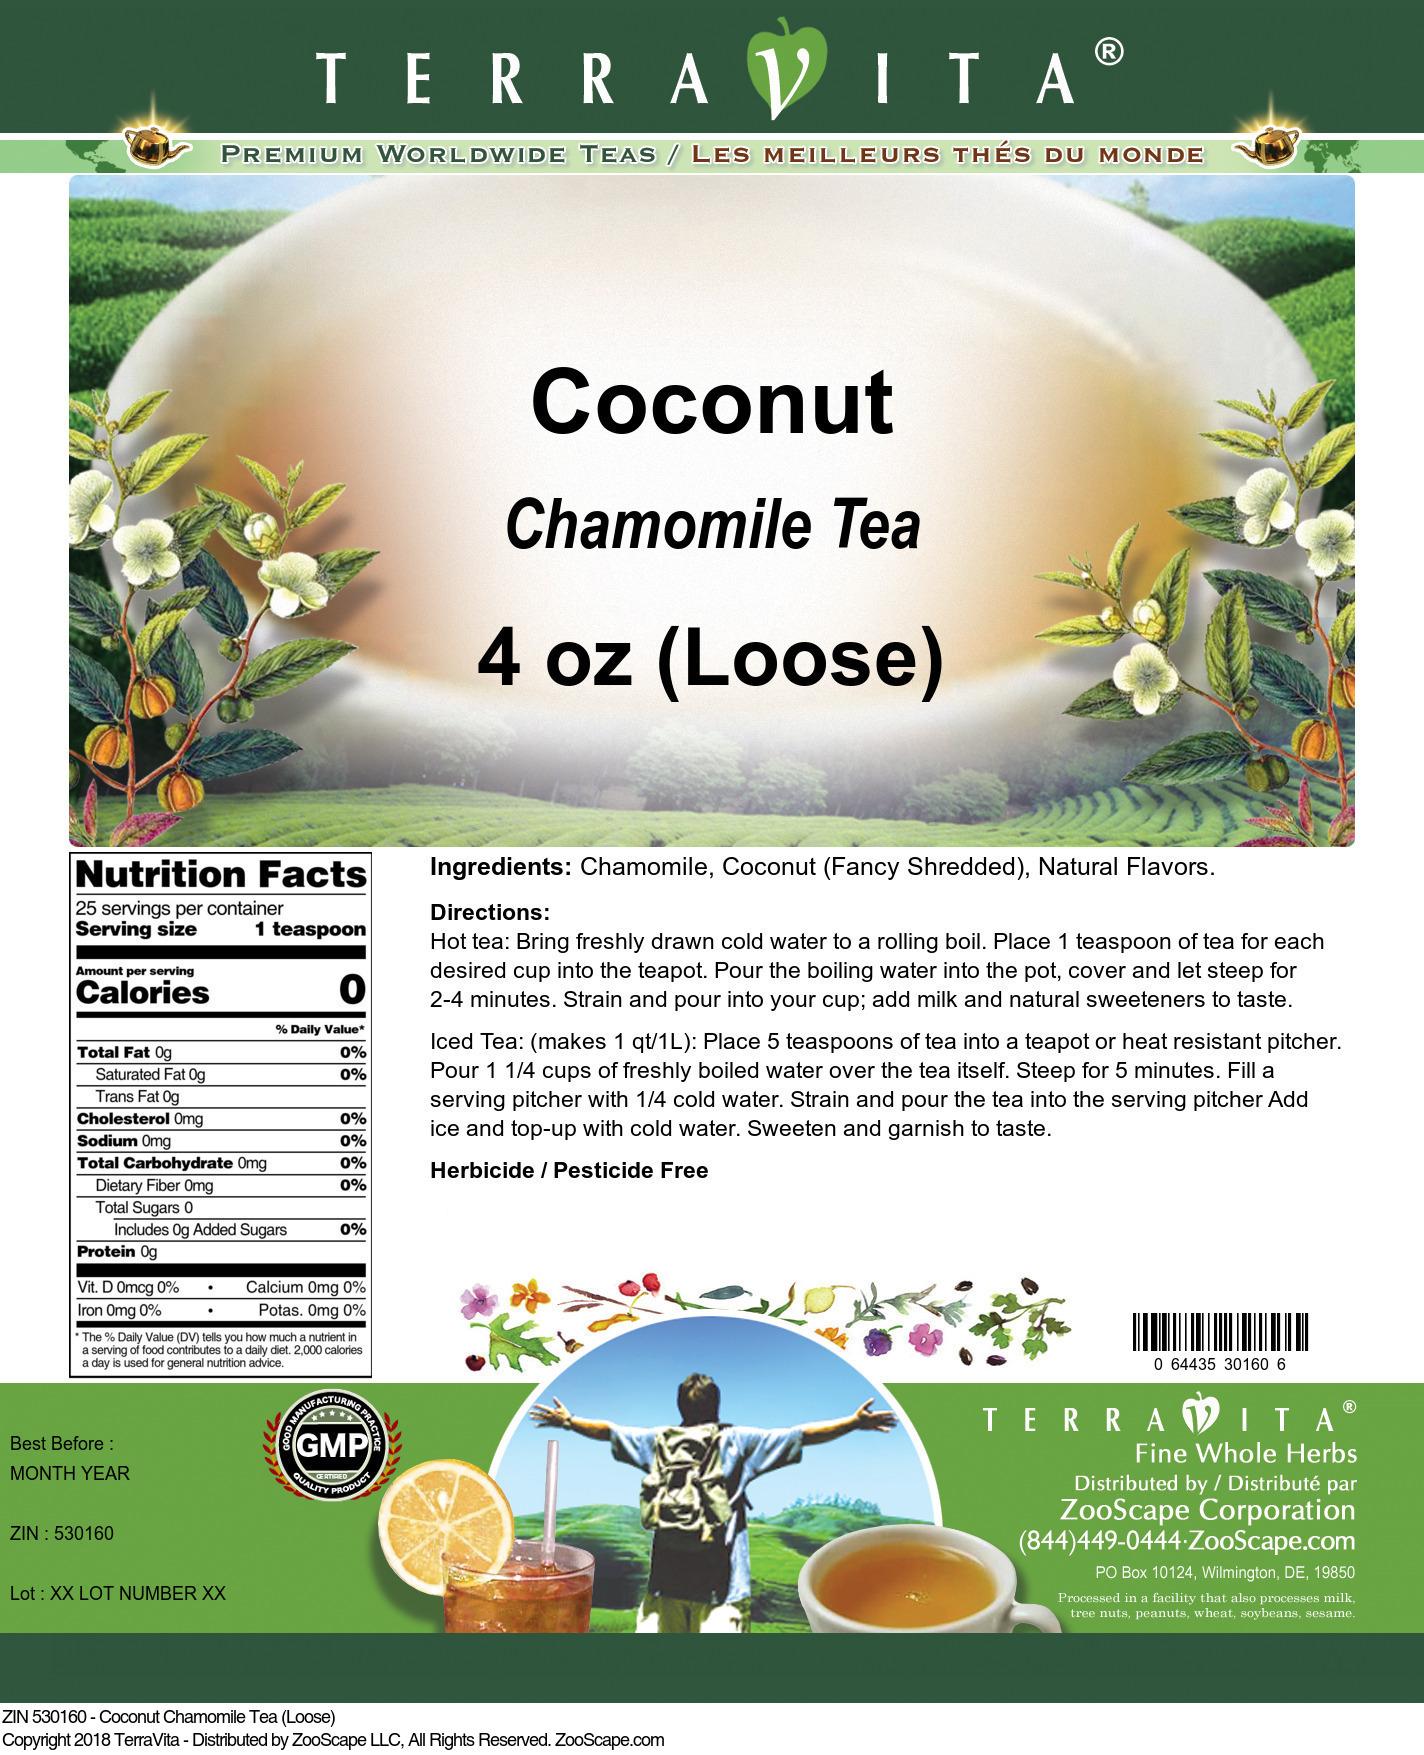 Coconut Chamomile Tea